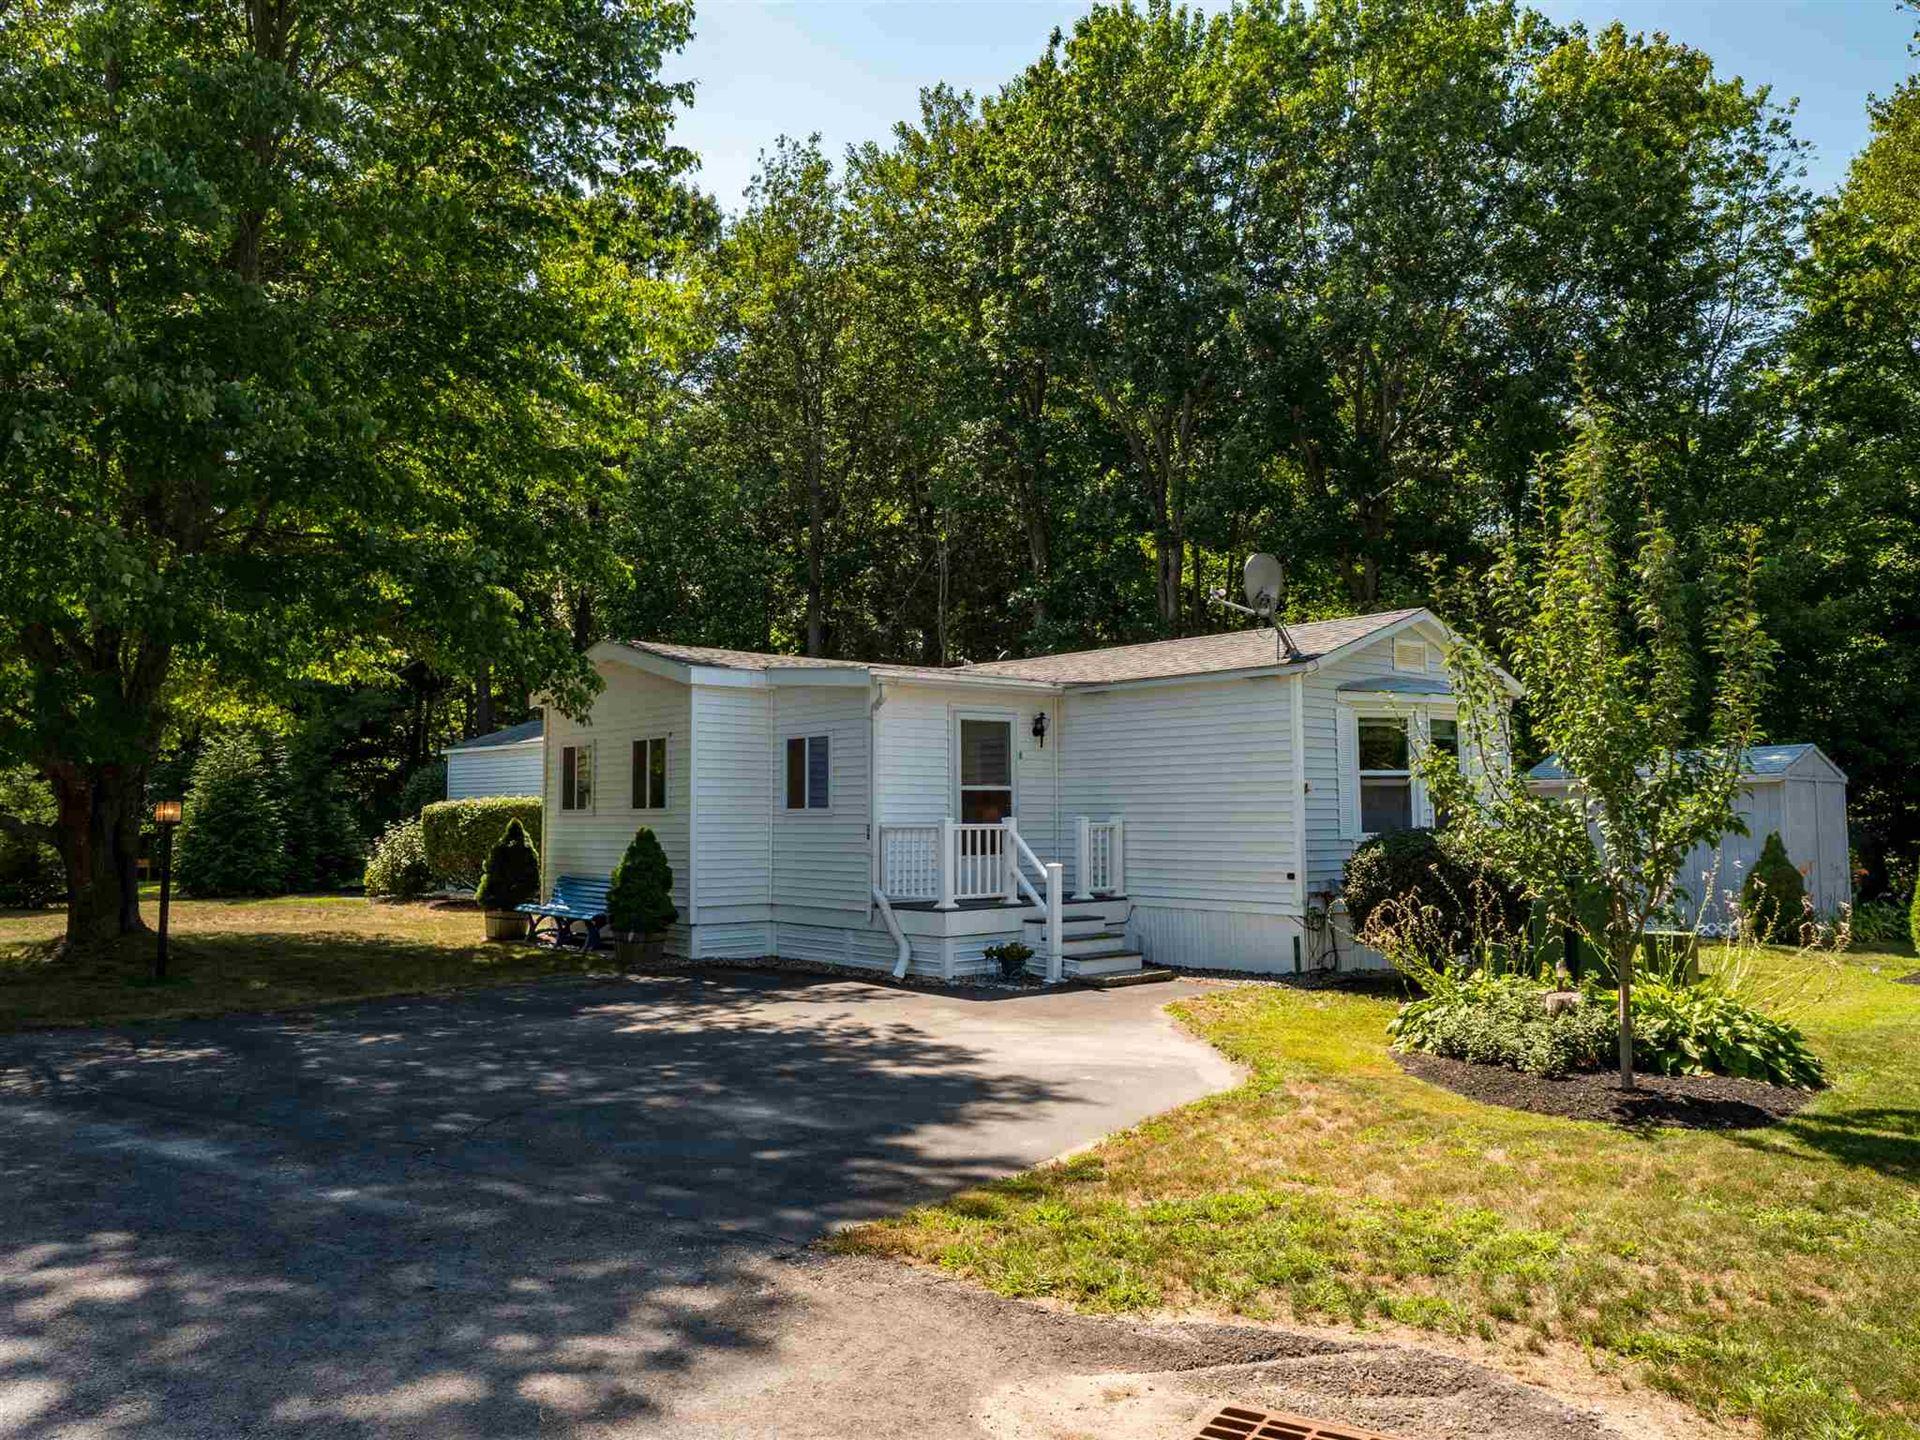 36 Granite Drive, North Hampton, NH 03862 - MLS#: 4820561